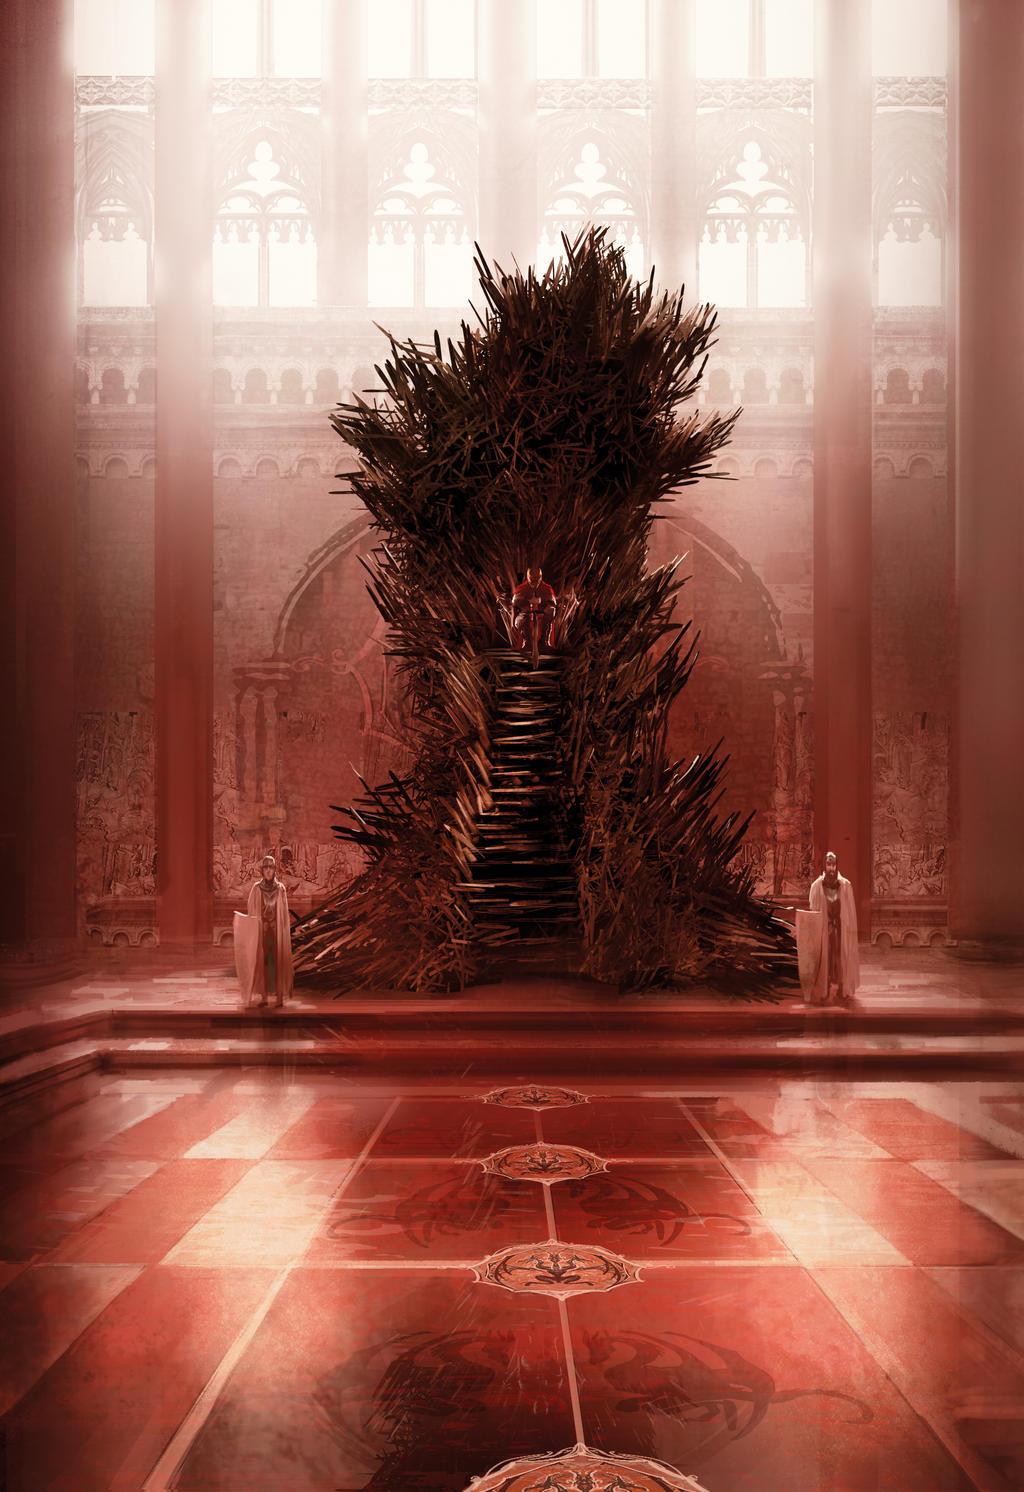 Iron throne by marcsimonetti on deviantart for Iron throne painting